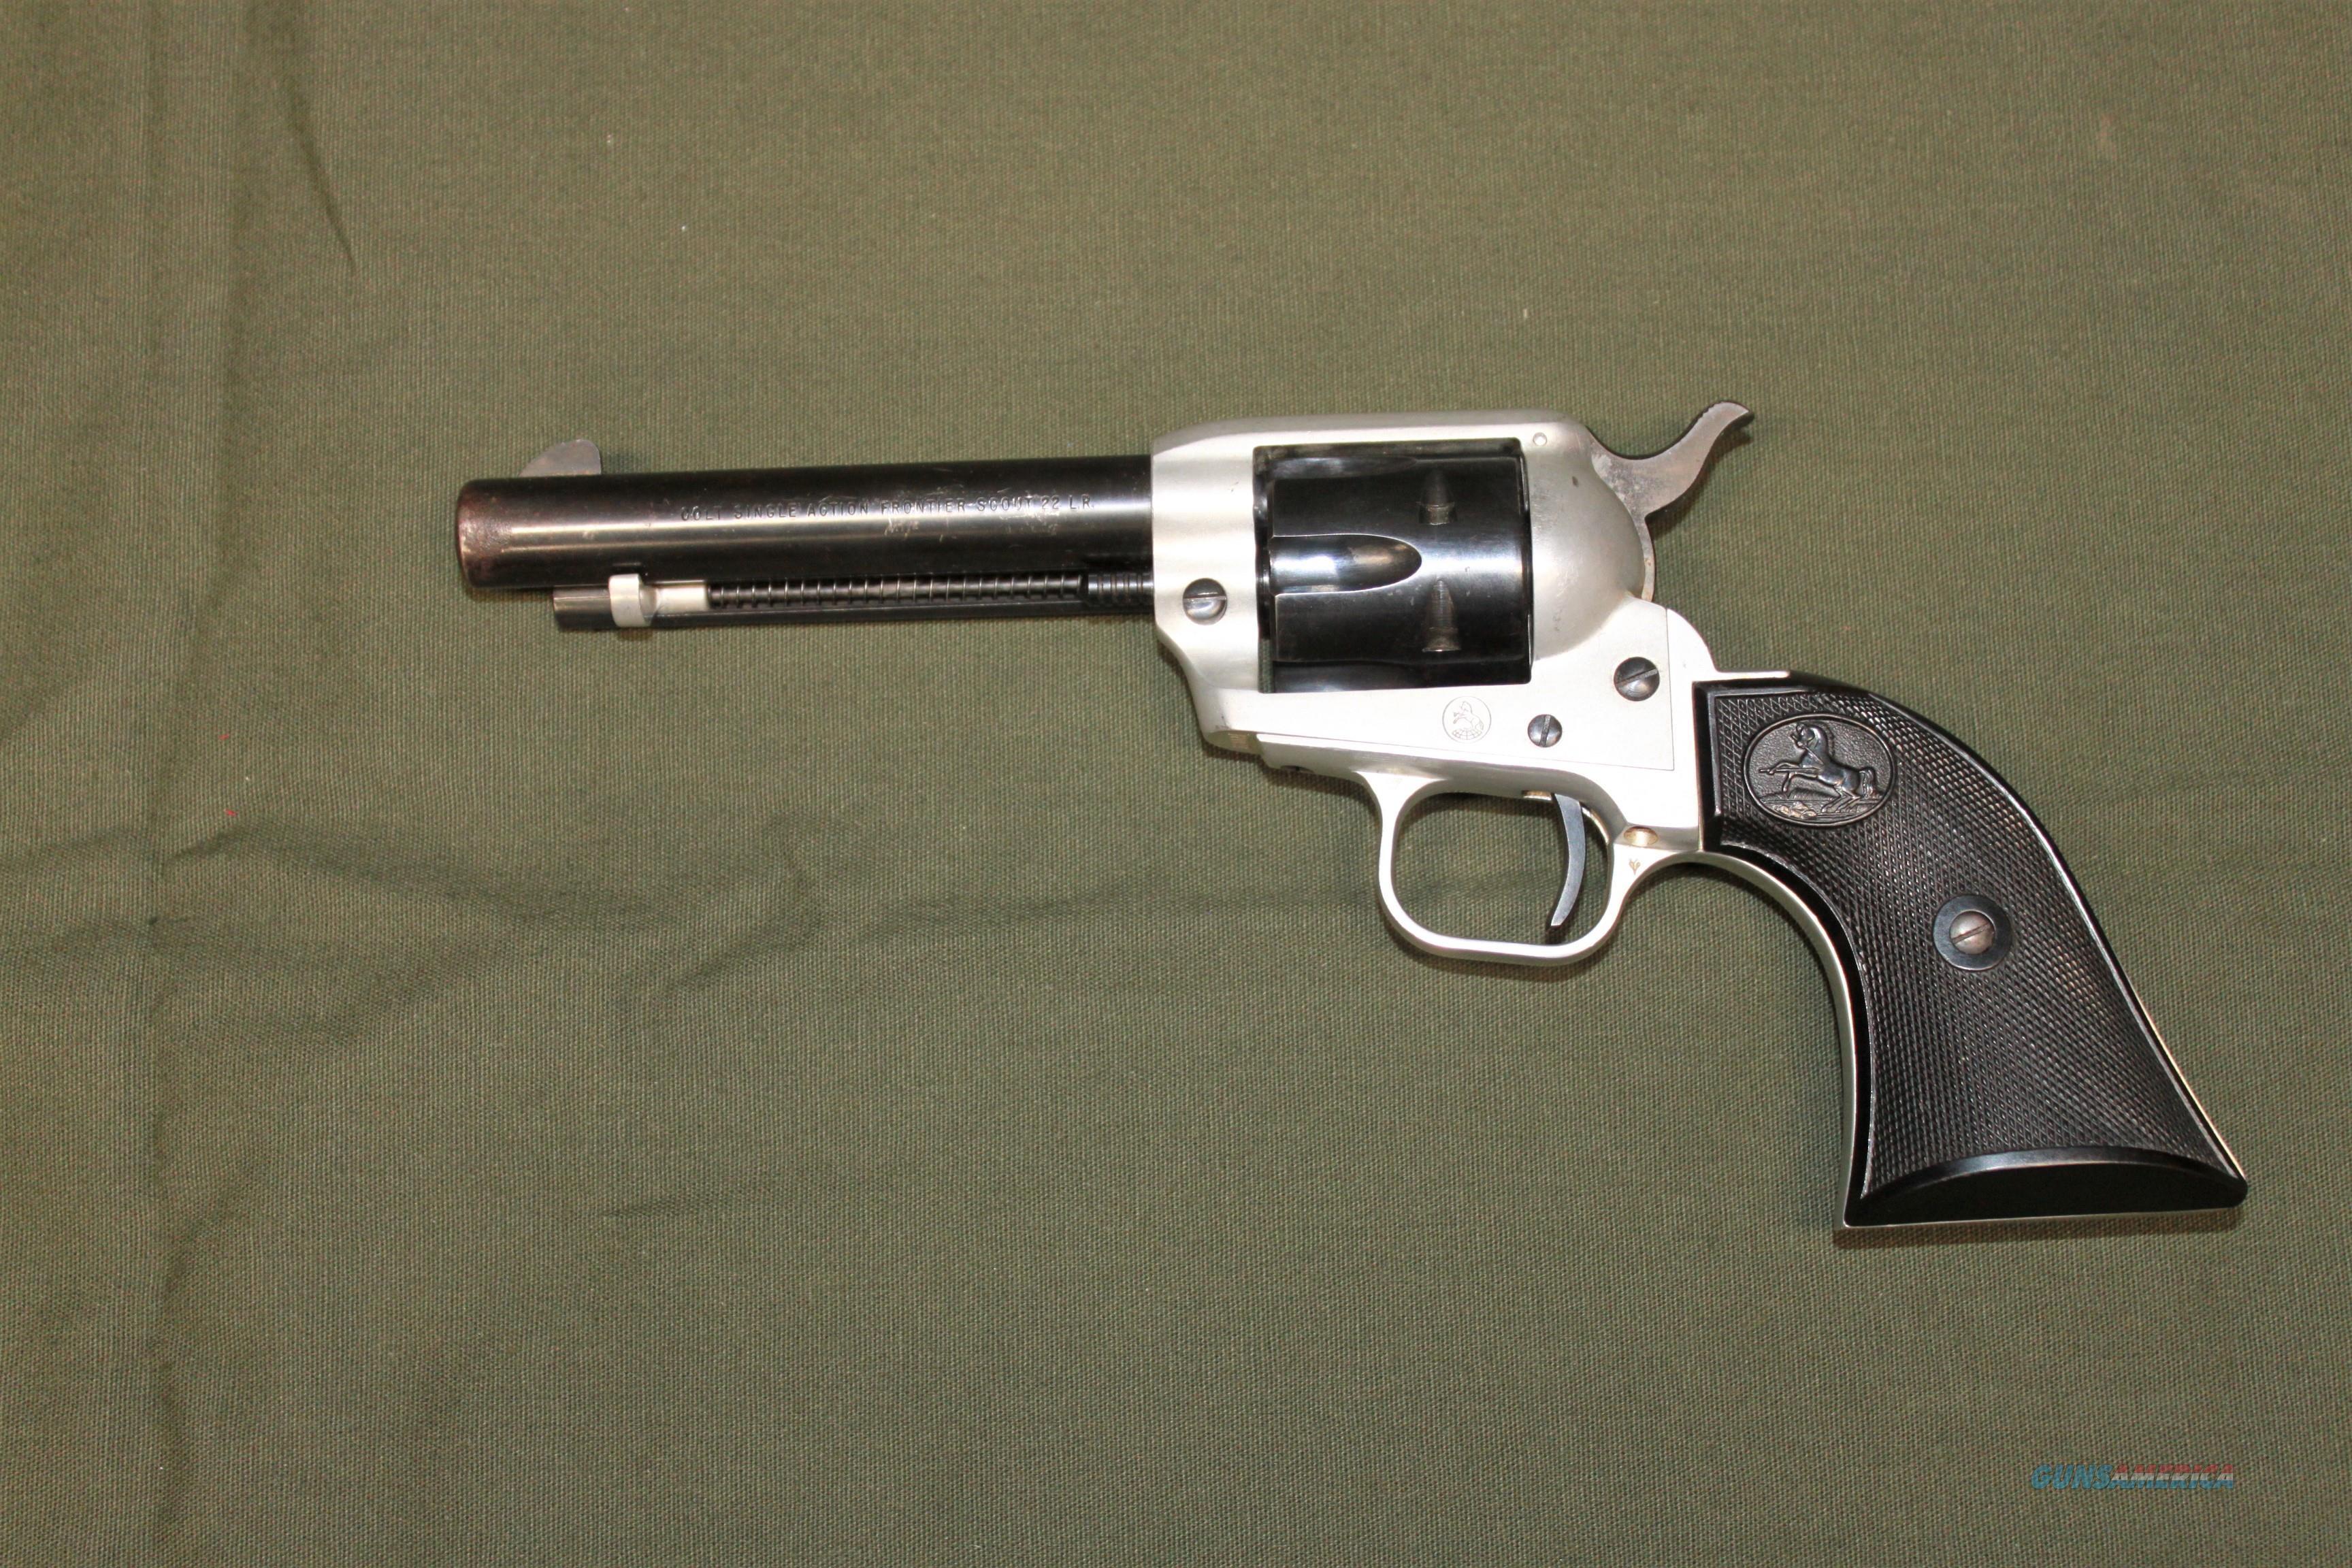 COLT S/A FRONTIER SCOUT 22 LR  Guns > Pistols > Colt Single Action Revolvers - Modern (22 Cal.)